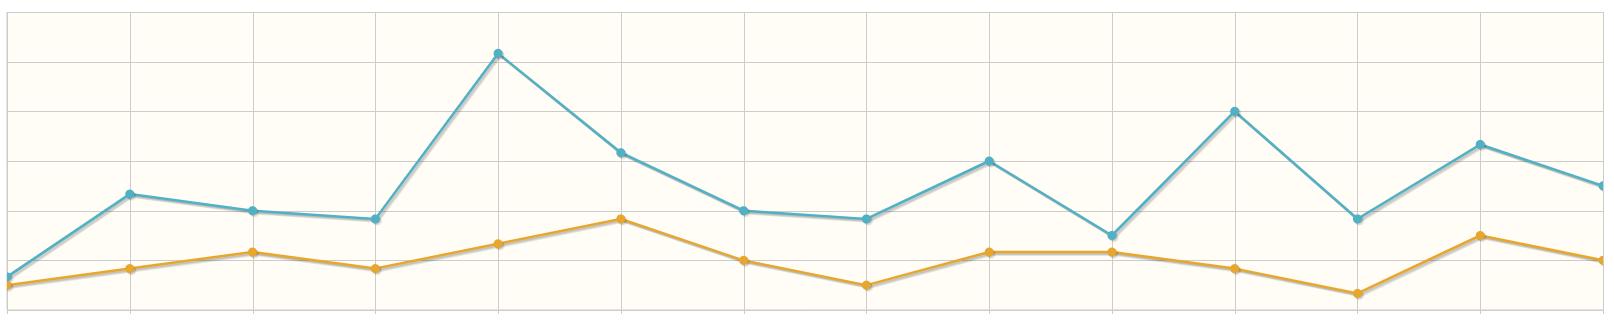 Klicks Statistik steigern durch Suchmaschinenoptimierung